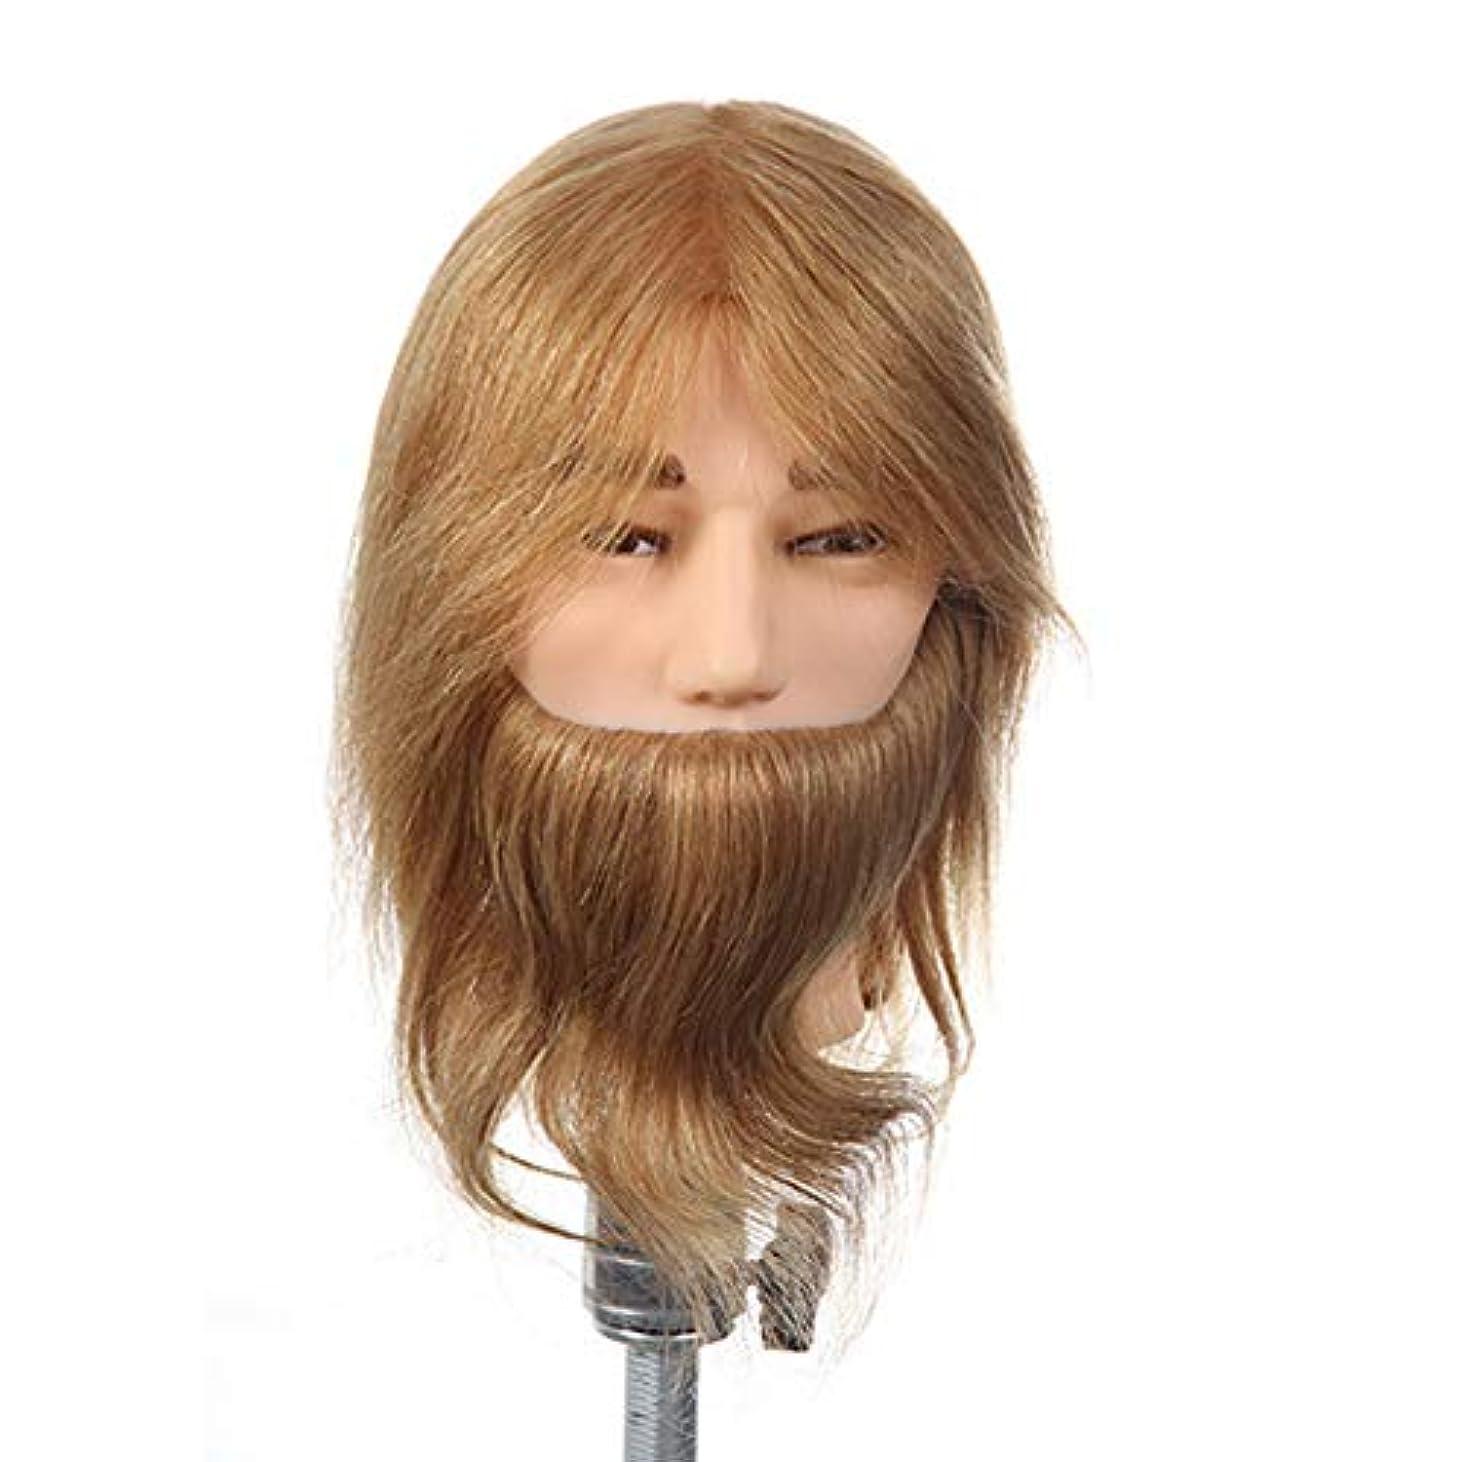 子豚差し引く楽観本物のヘア男性化粧ダミーヘッドヘアサロン学習パーマ染めトリミング髪あごひげマネキンヘッド付き口ひげ指導ヘッド